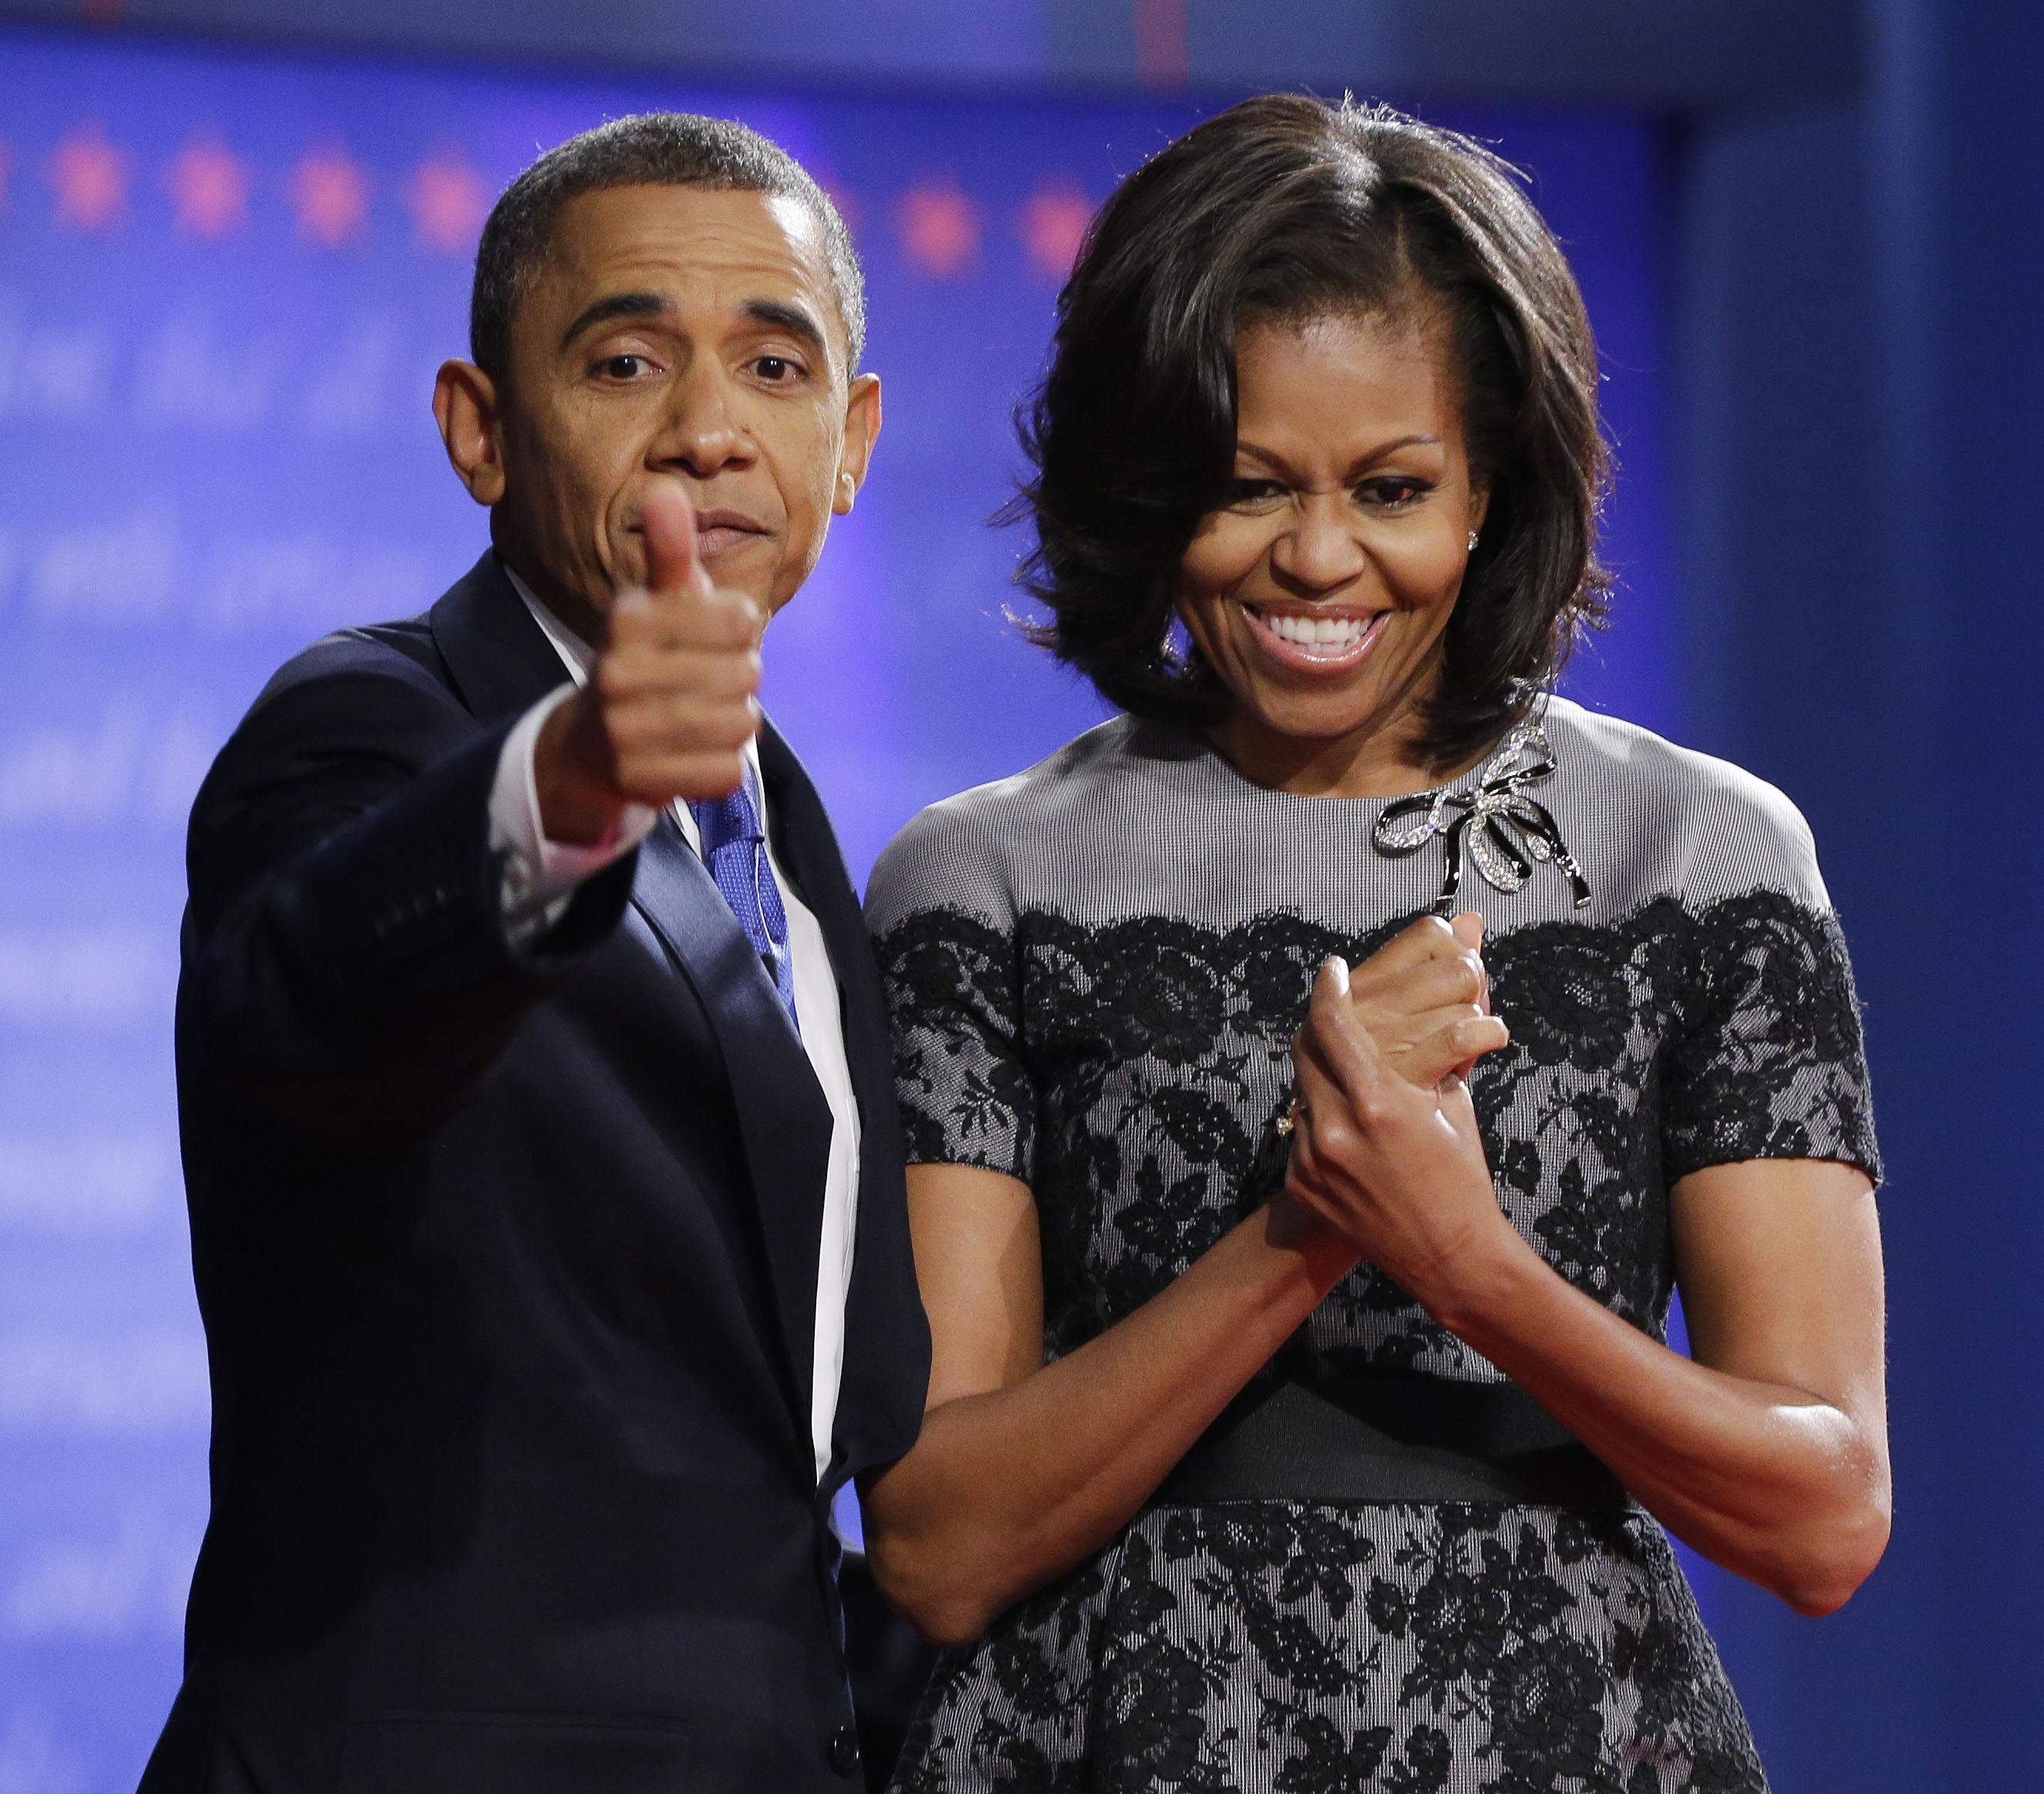 Μισέλ και Μπαράκ Ομπάμα